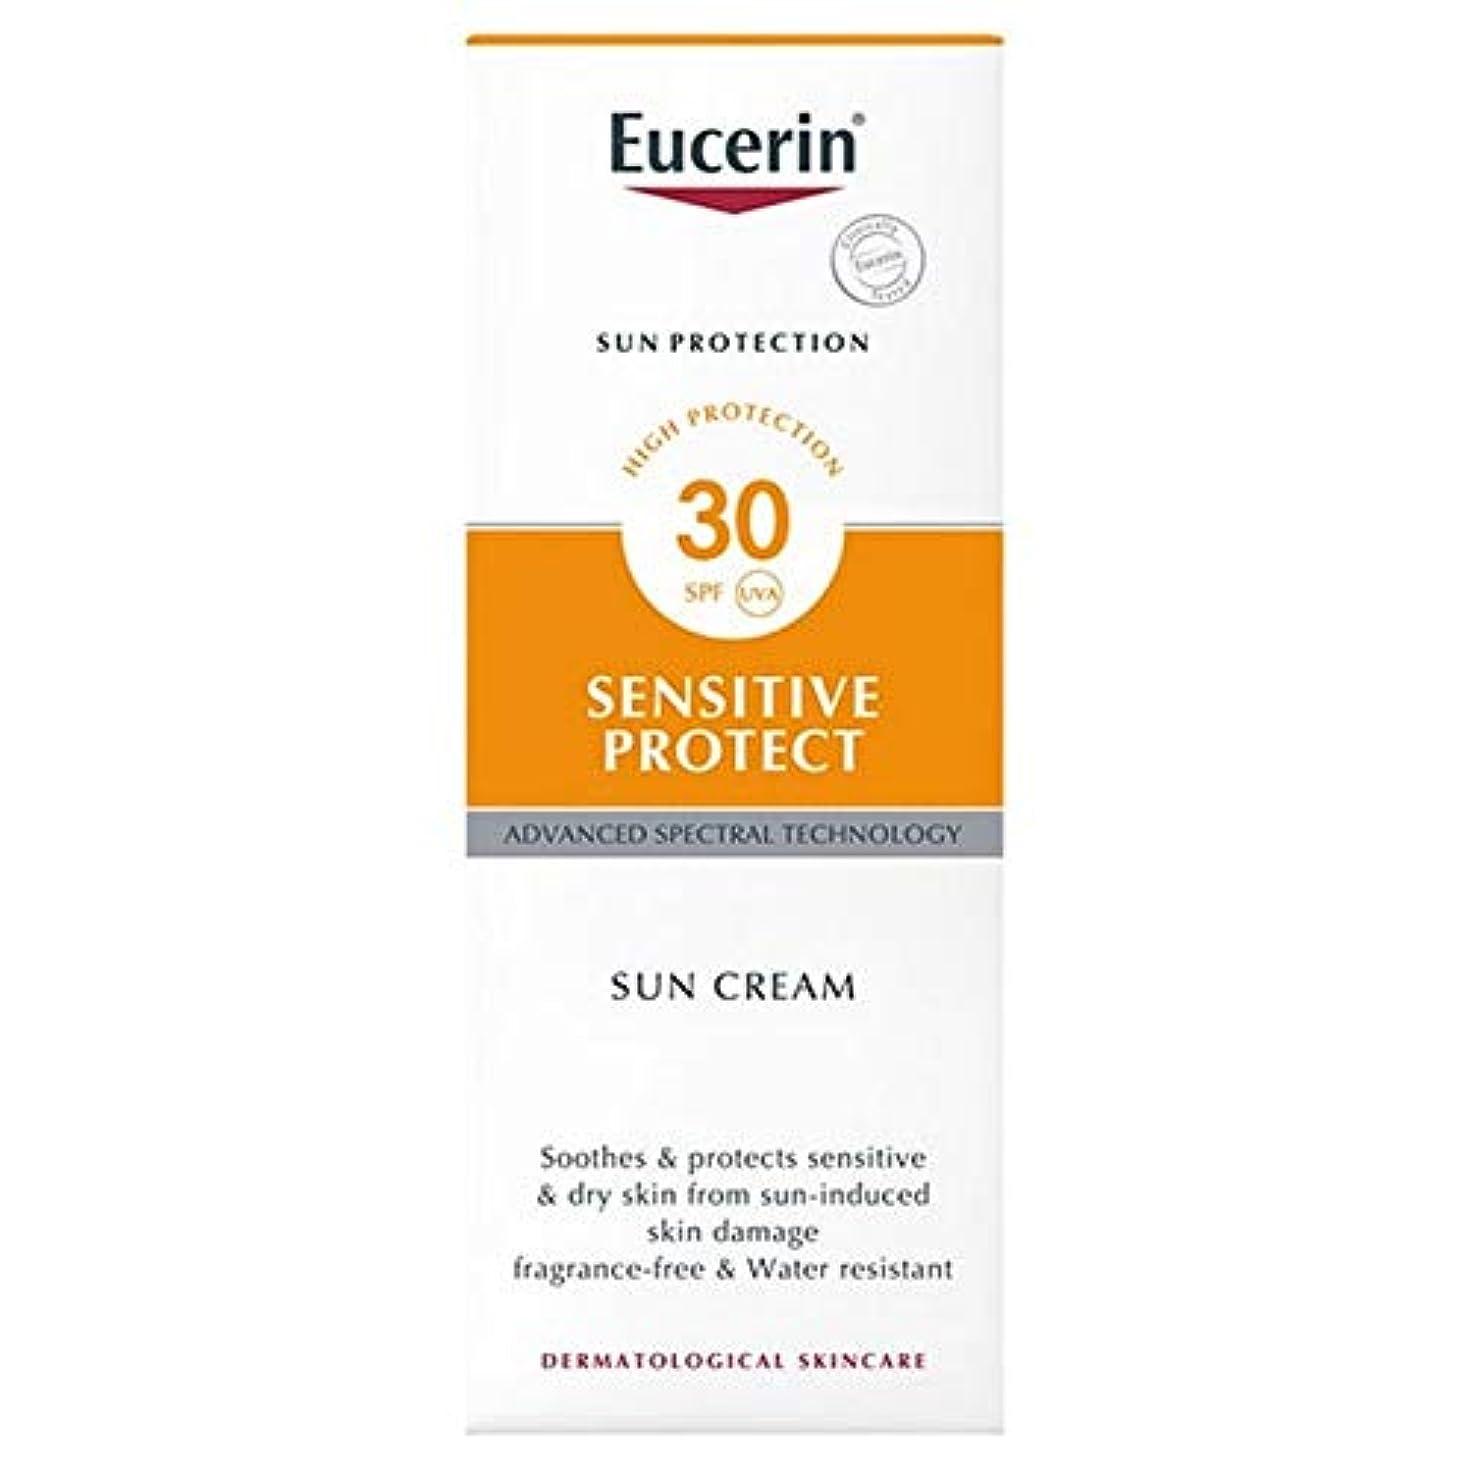 発表エレベーターアプライアンス[Eucerin ] ユーセリン敏感プロテクト日クリームSpf30の50ミリリットル - Eucerin Sensitive Protect Sun Cream SPF30 50ml [並行輸入品]